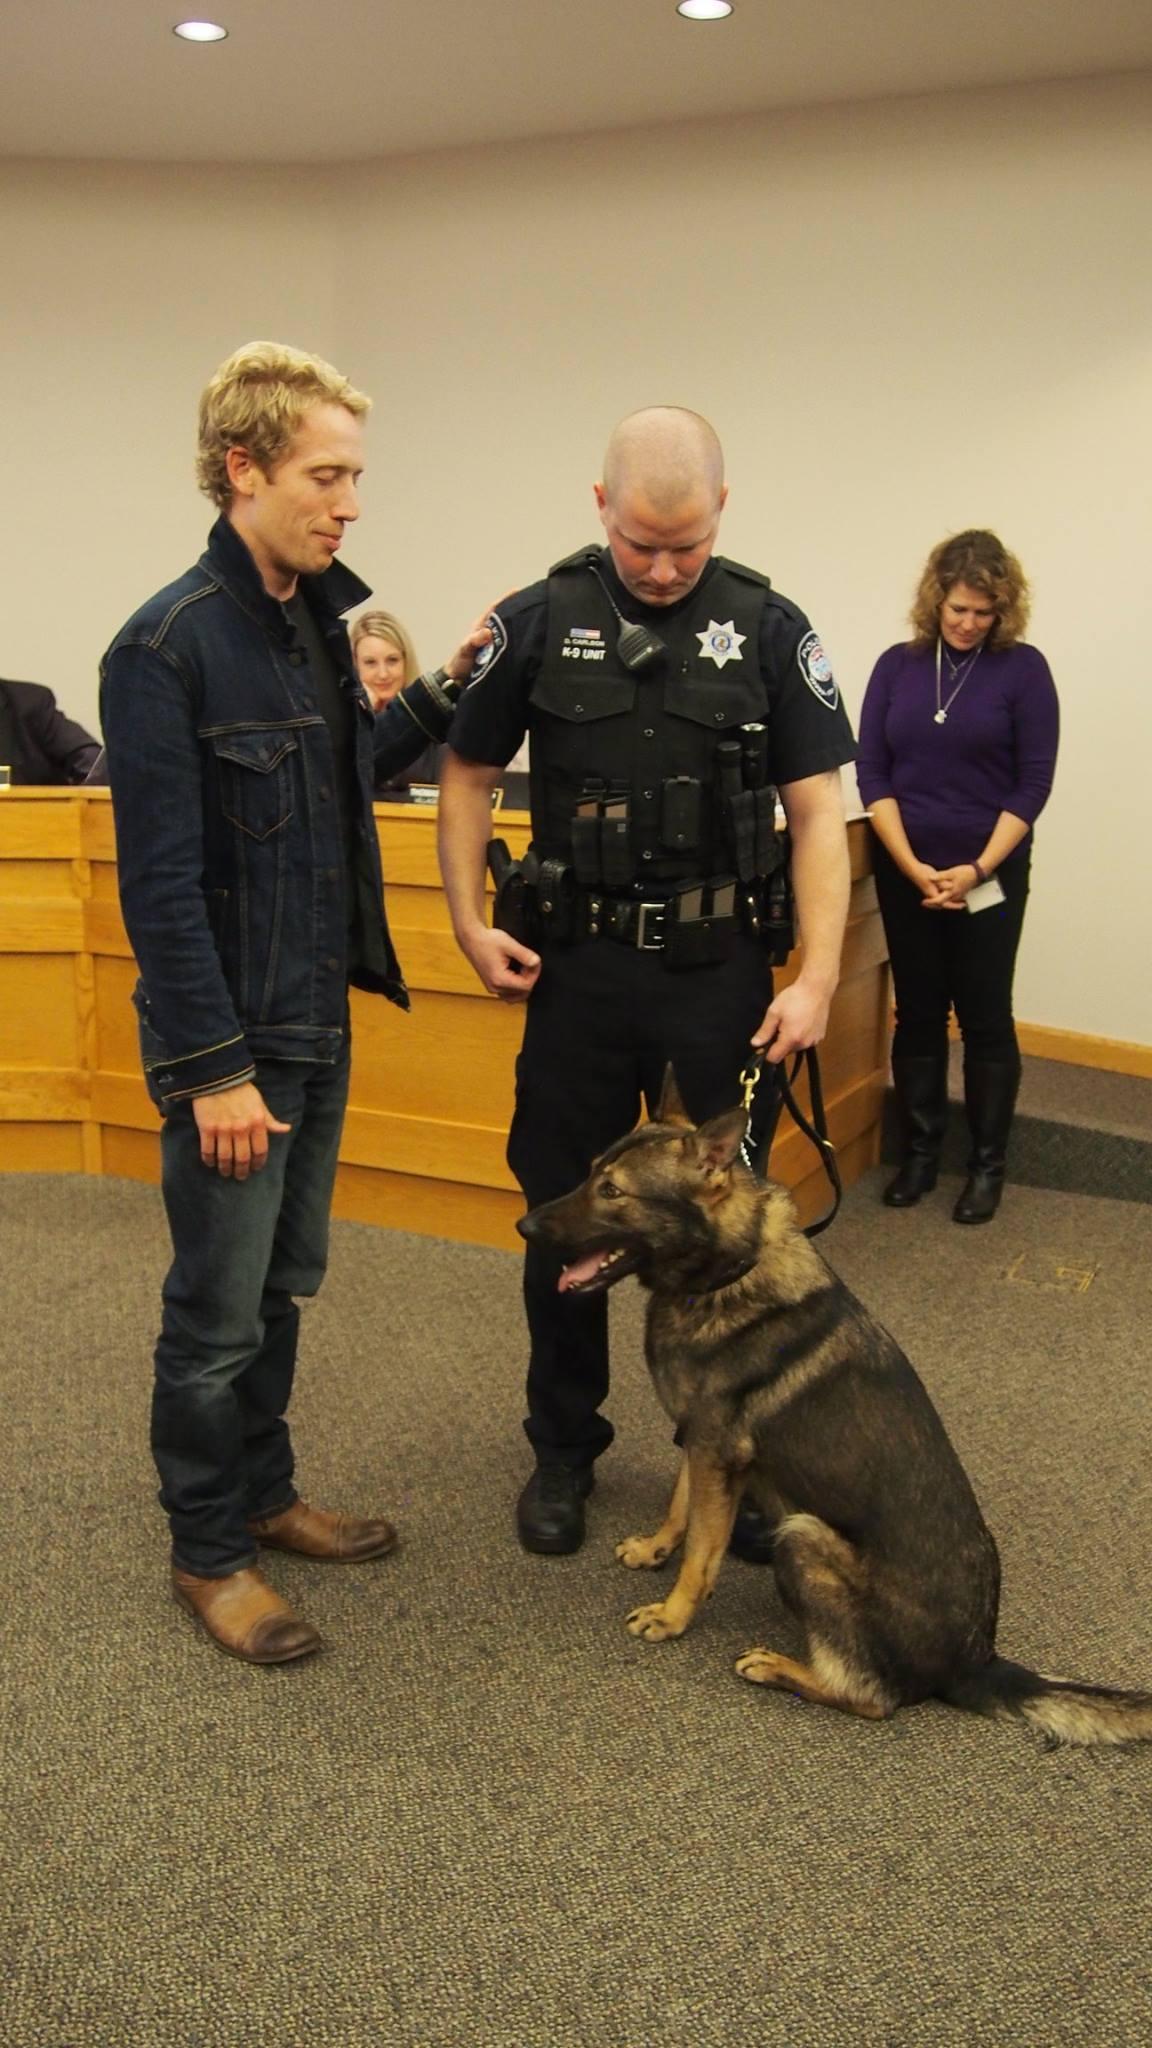 New Lenox Illinois >> Photos: Channahon Police Department Gets K9 Cop | Channahon, IL Patch